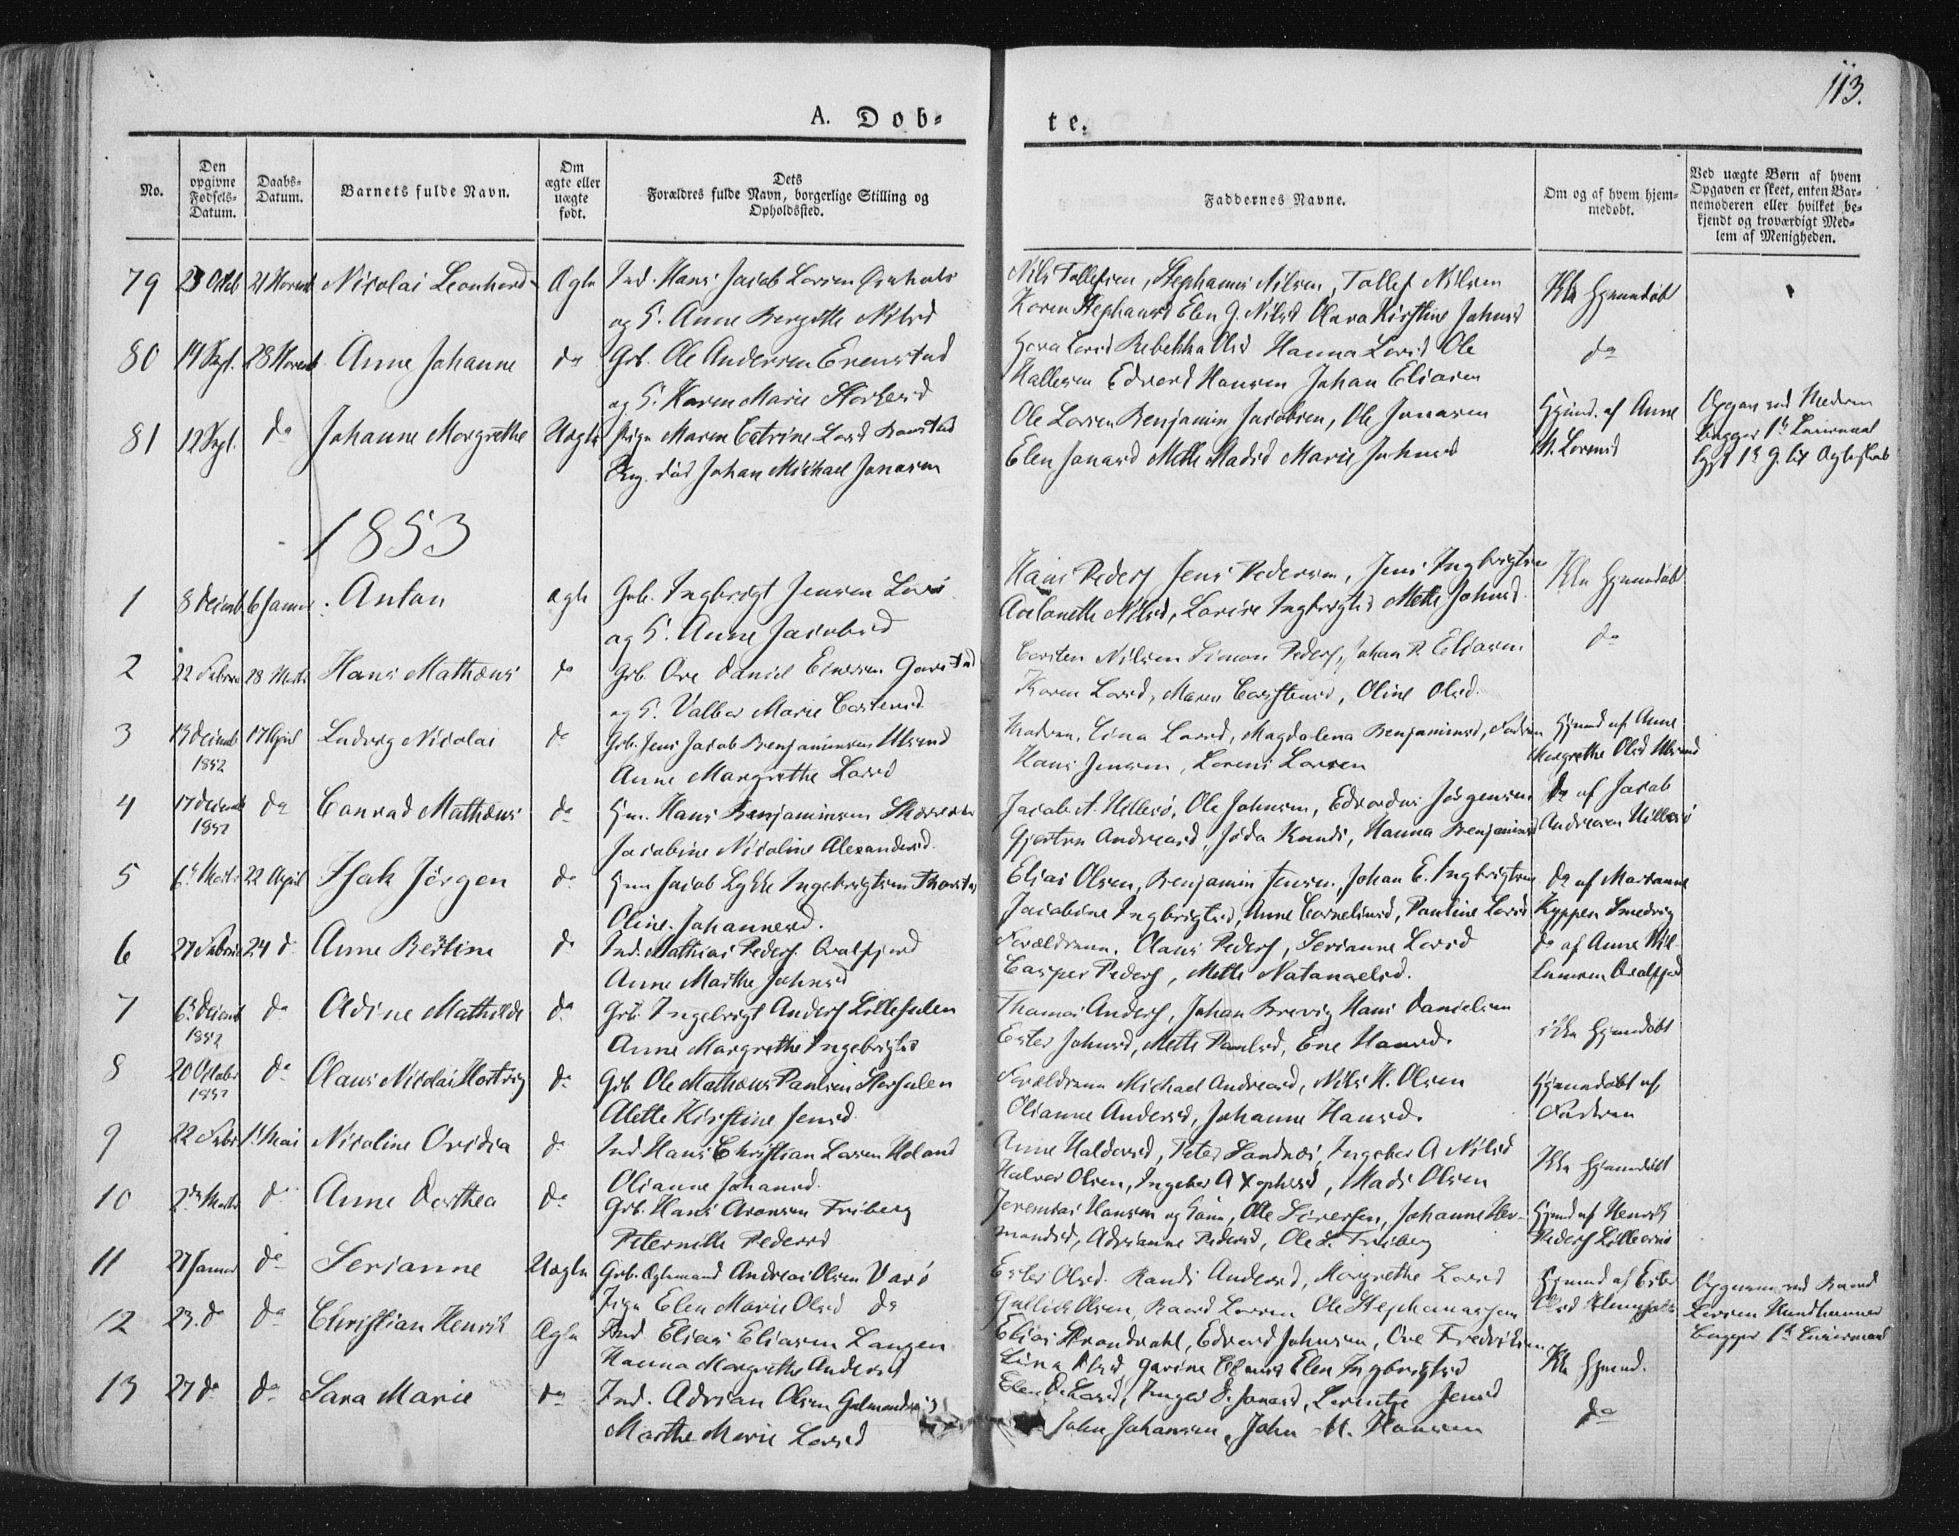 SAT, Ministerialprotokoller, klokkerbøker og fødselsregistre - Nord-Trøndelag, 784/L0669: Ministerialbok nr. 784A04, 1829-1859, s. 113